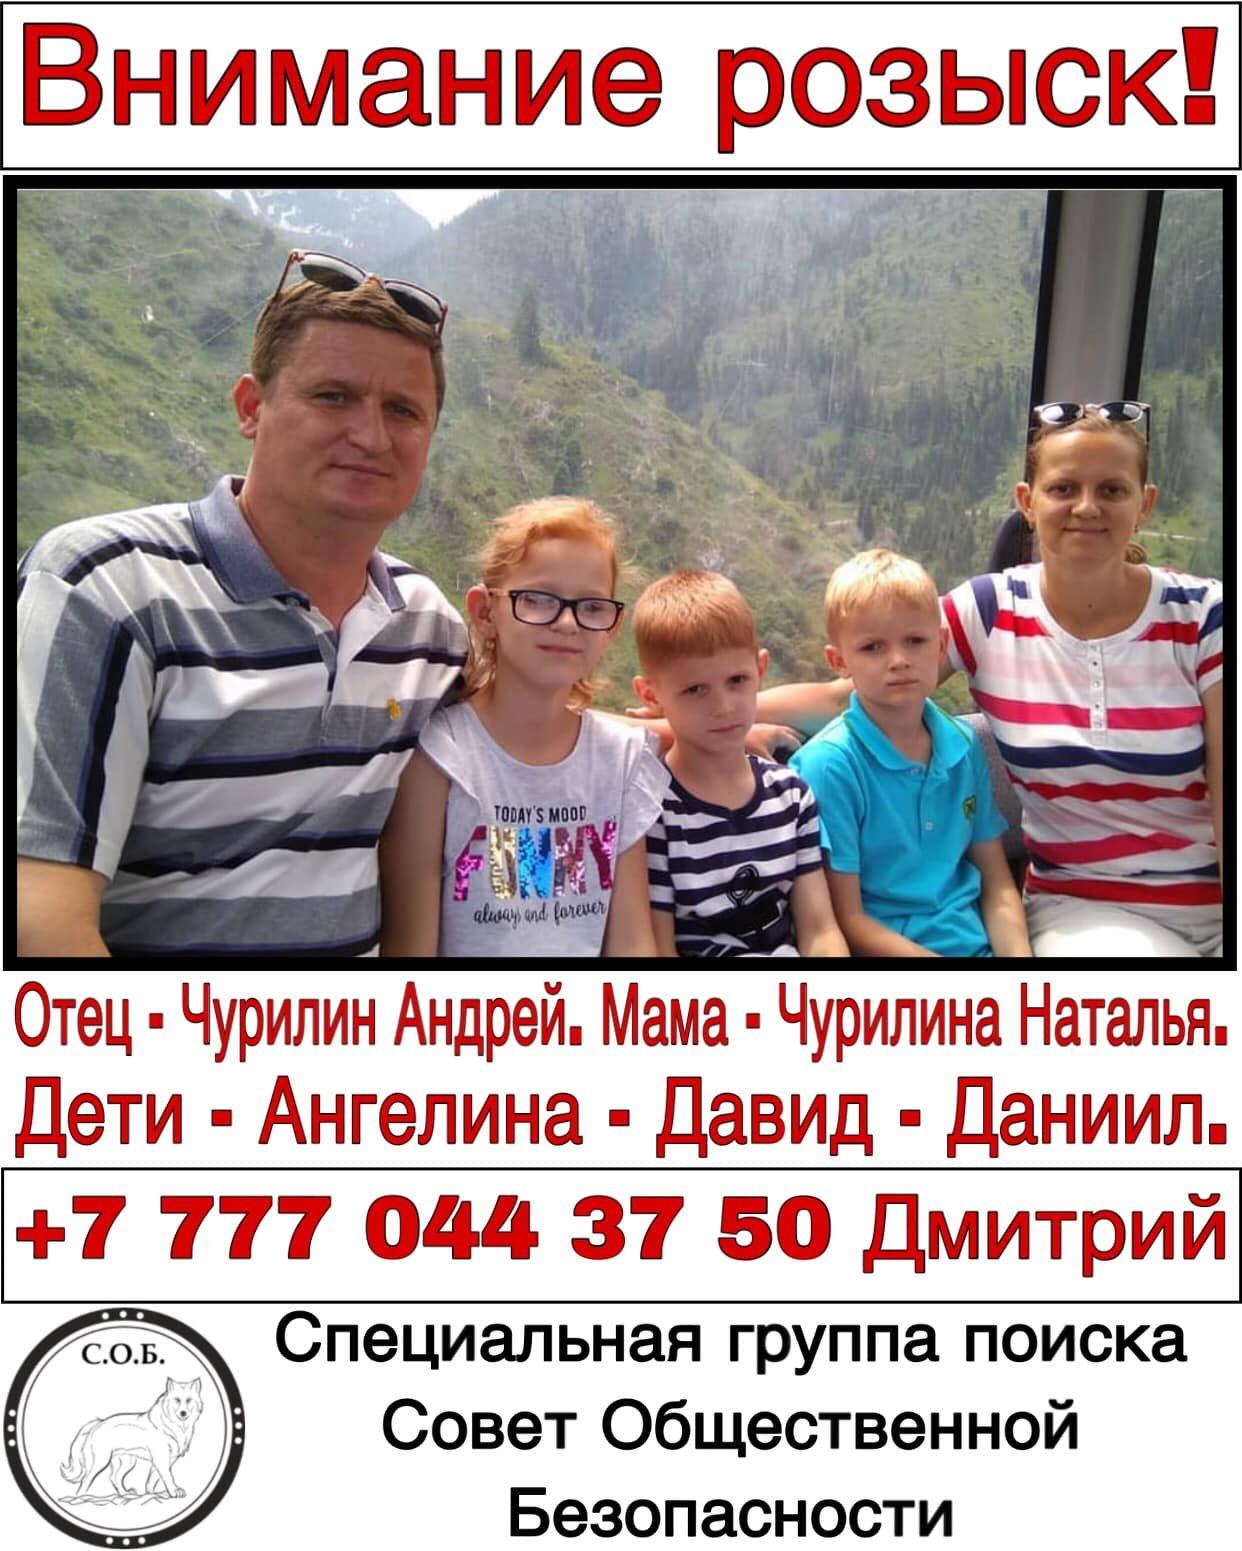 В Алматы пропала семья из пяти человек, фото-1